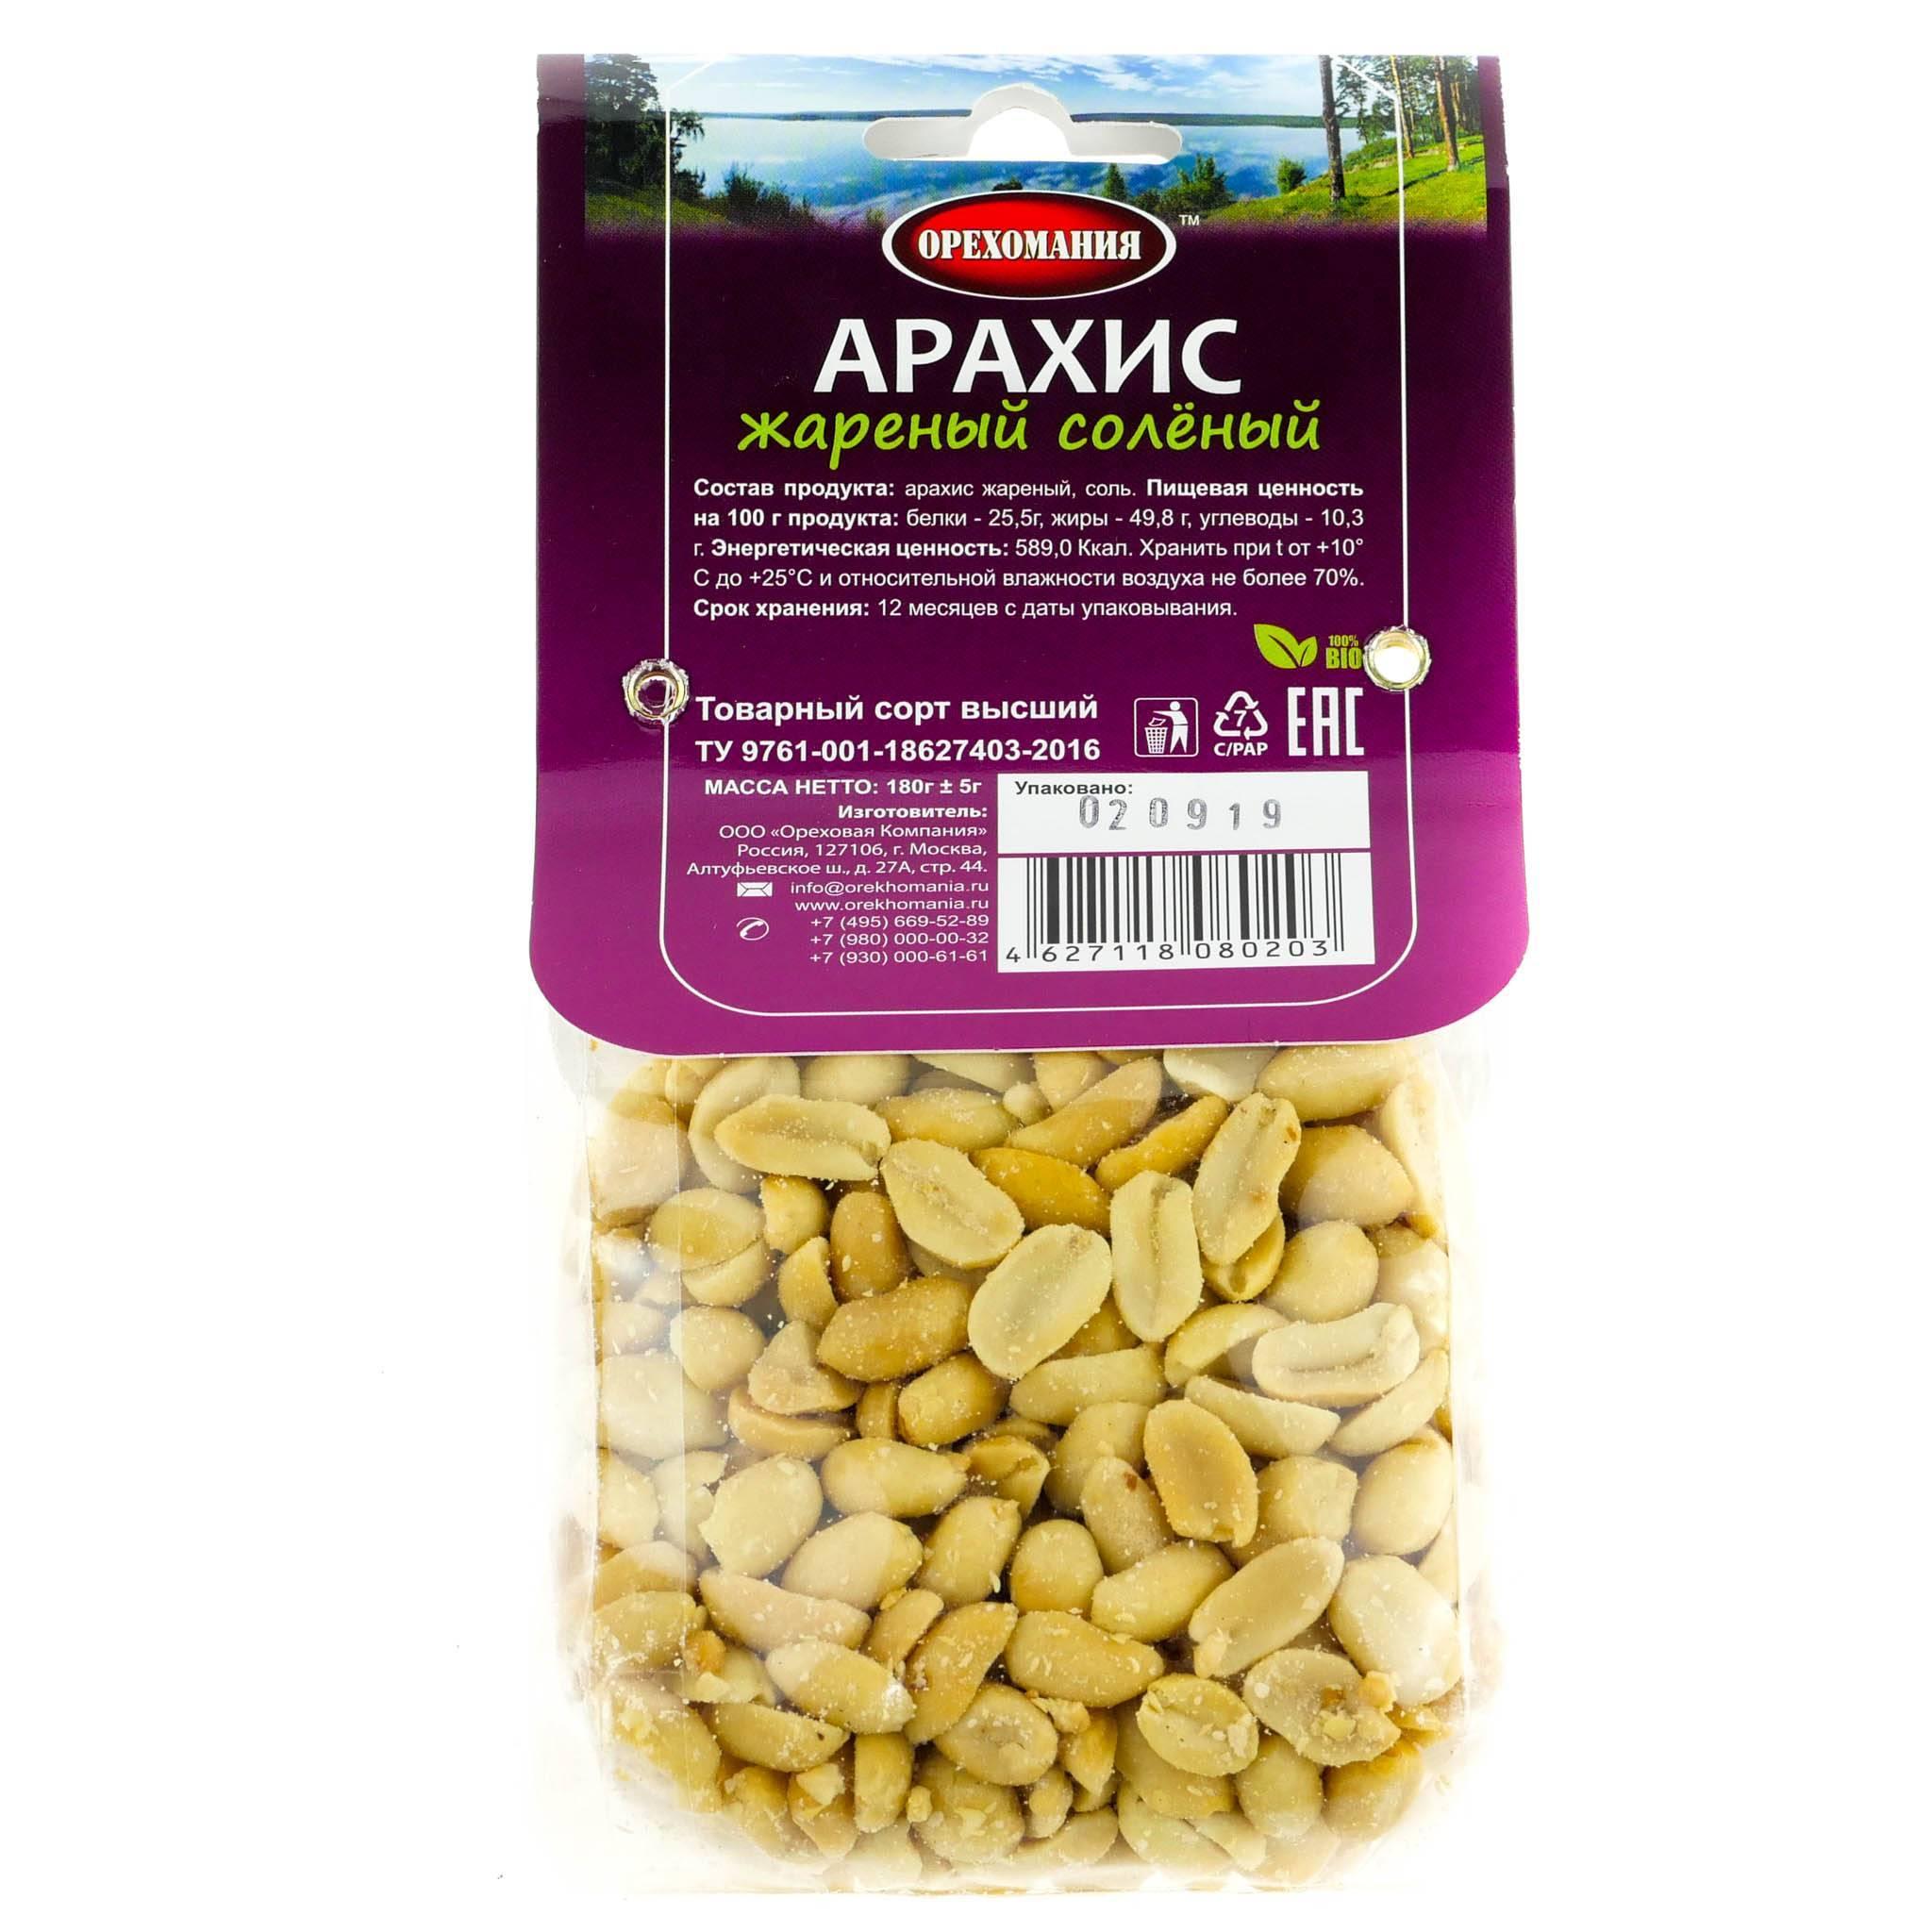 Калорийность арахиса жареного и сырого, химический состав и пищевая ценность продукта